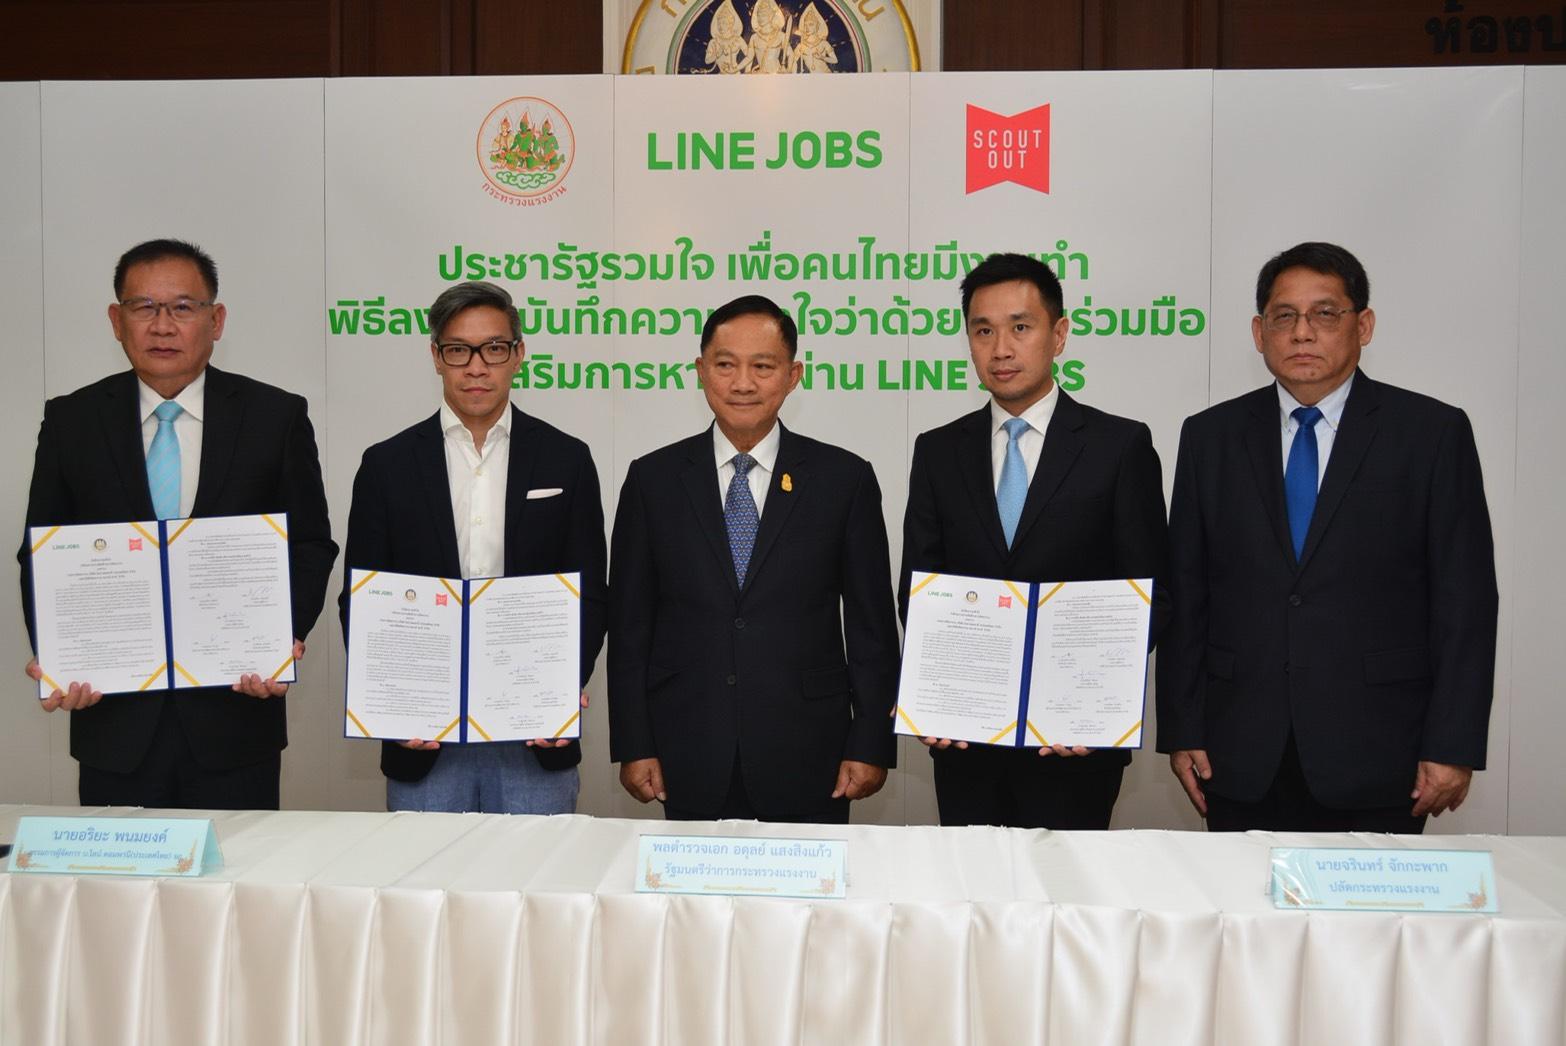 กกจ. จับมือบริษัทไลน์ คอมพานี (ประเทศไทย) จำกัด และบริษัทจัดหางาน สเกาท์ เอาท์ จำกัด ทำ MOU ด้านการจัดหางาน เพิ่มช่องทางการหางานผ่านแอปพลิเคชั่น LINE JOBS